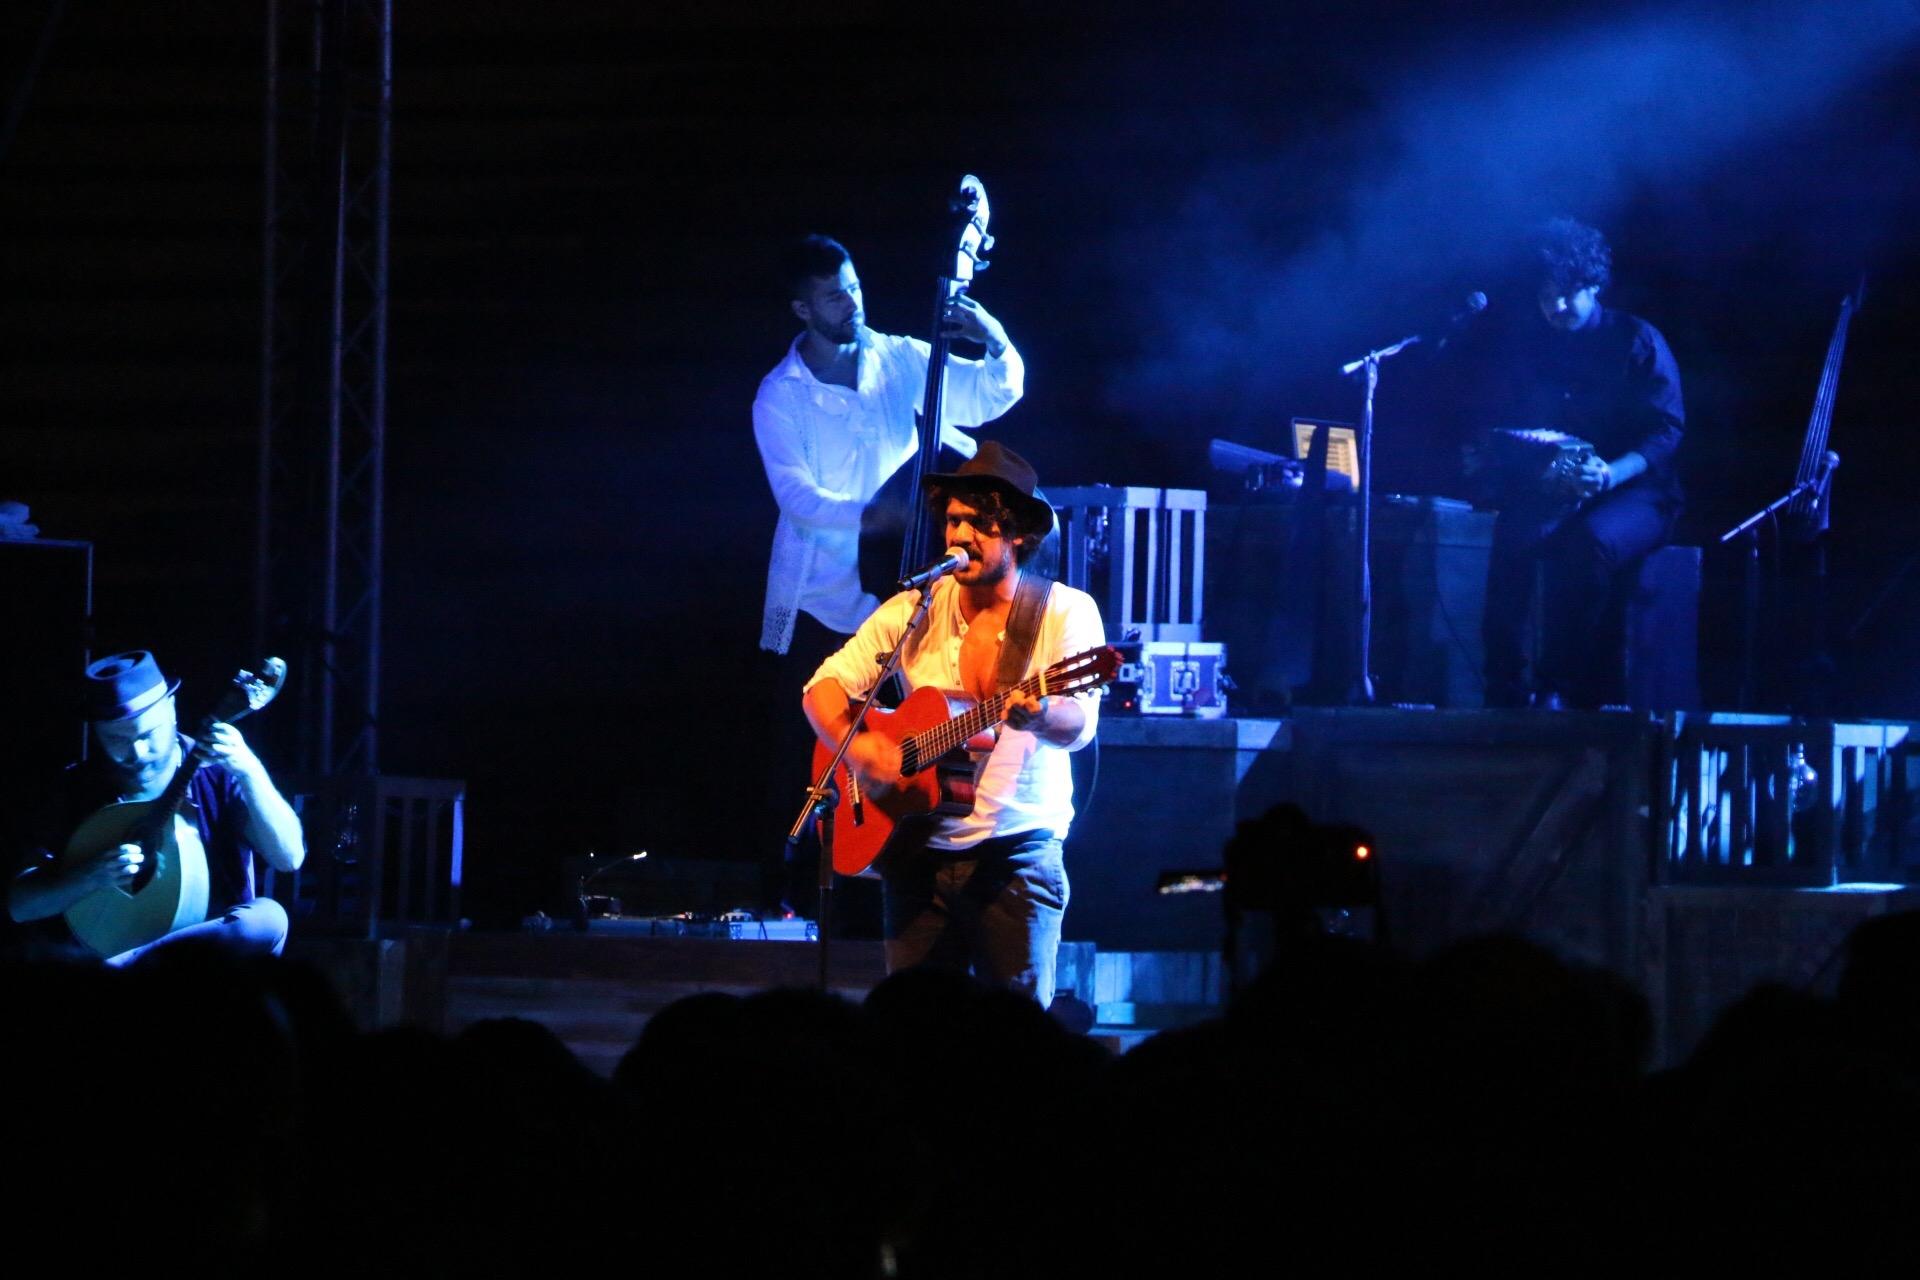 San Salvo: Mannarino dedica concerto a fan scomparso